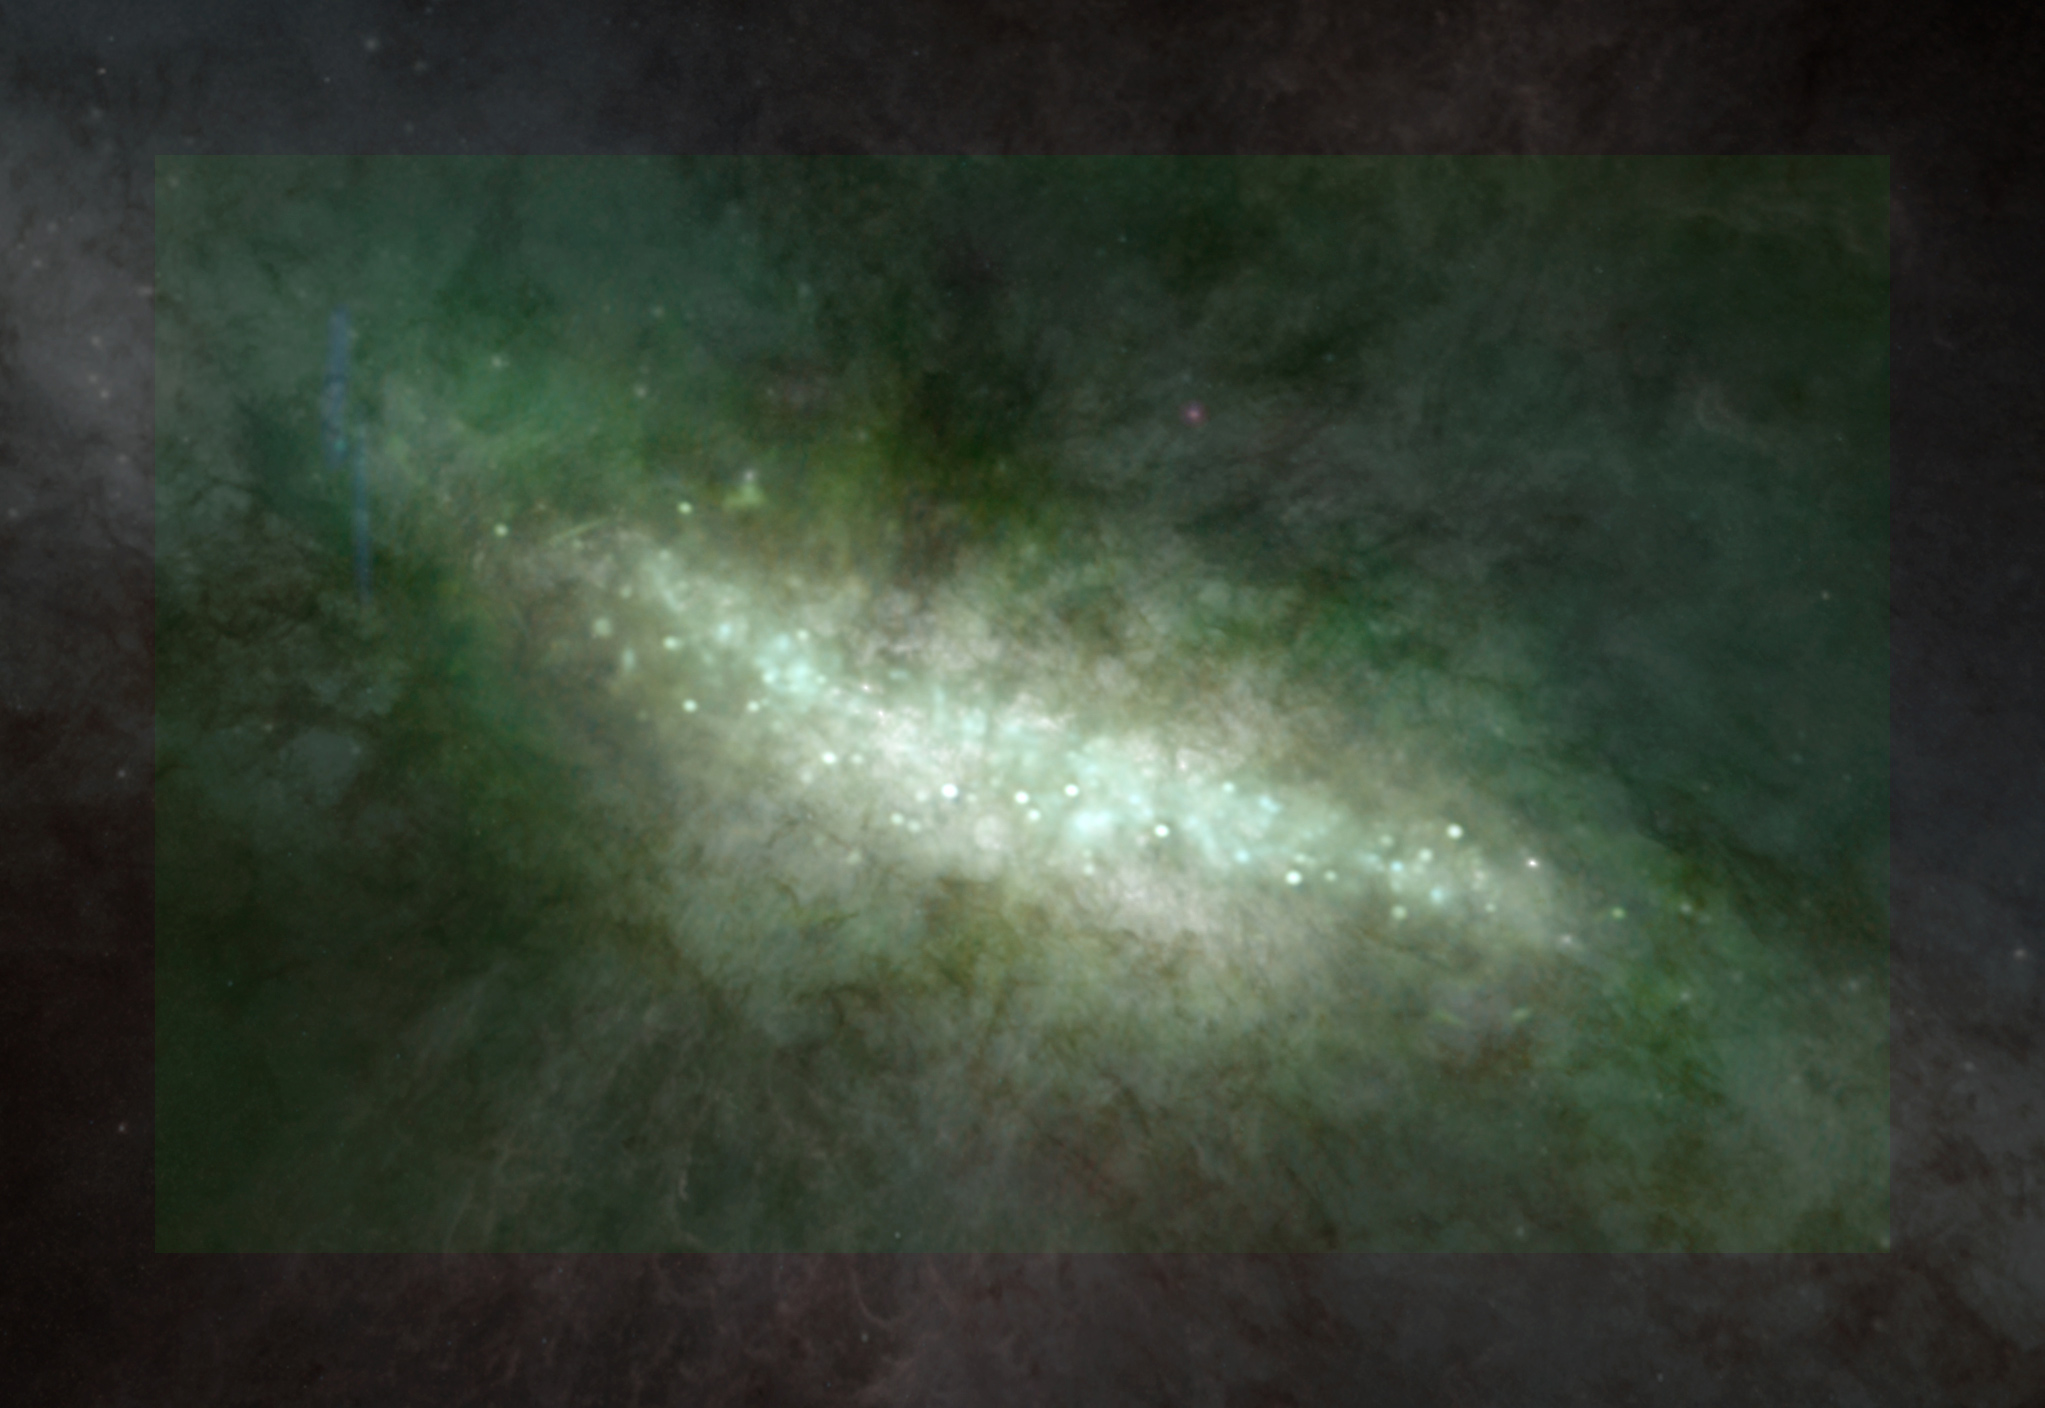 Starbursting M82